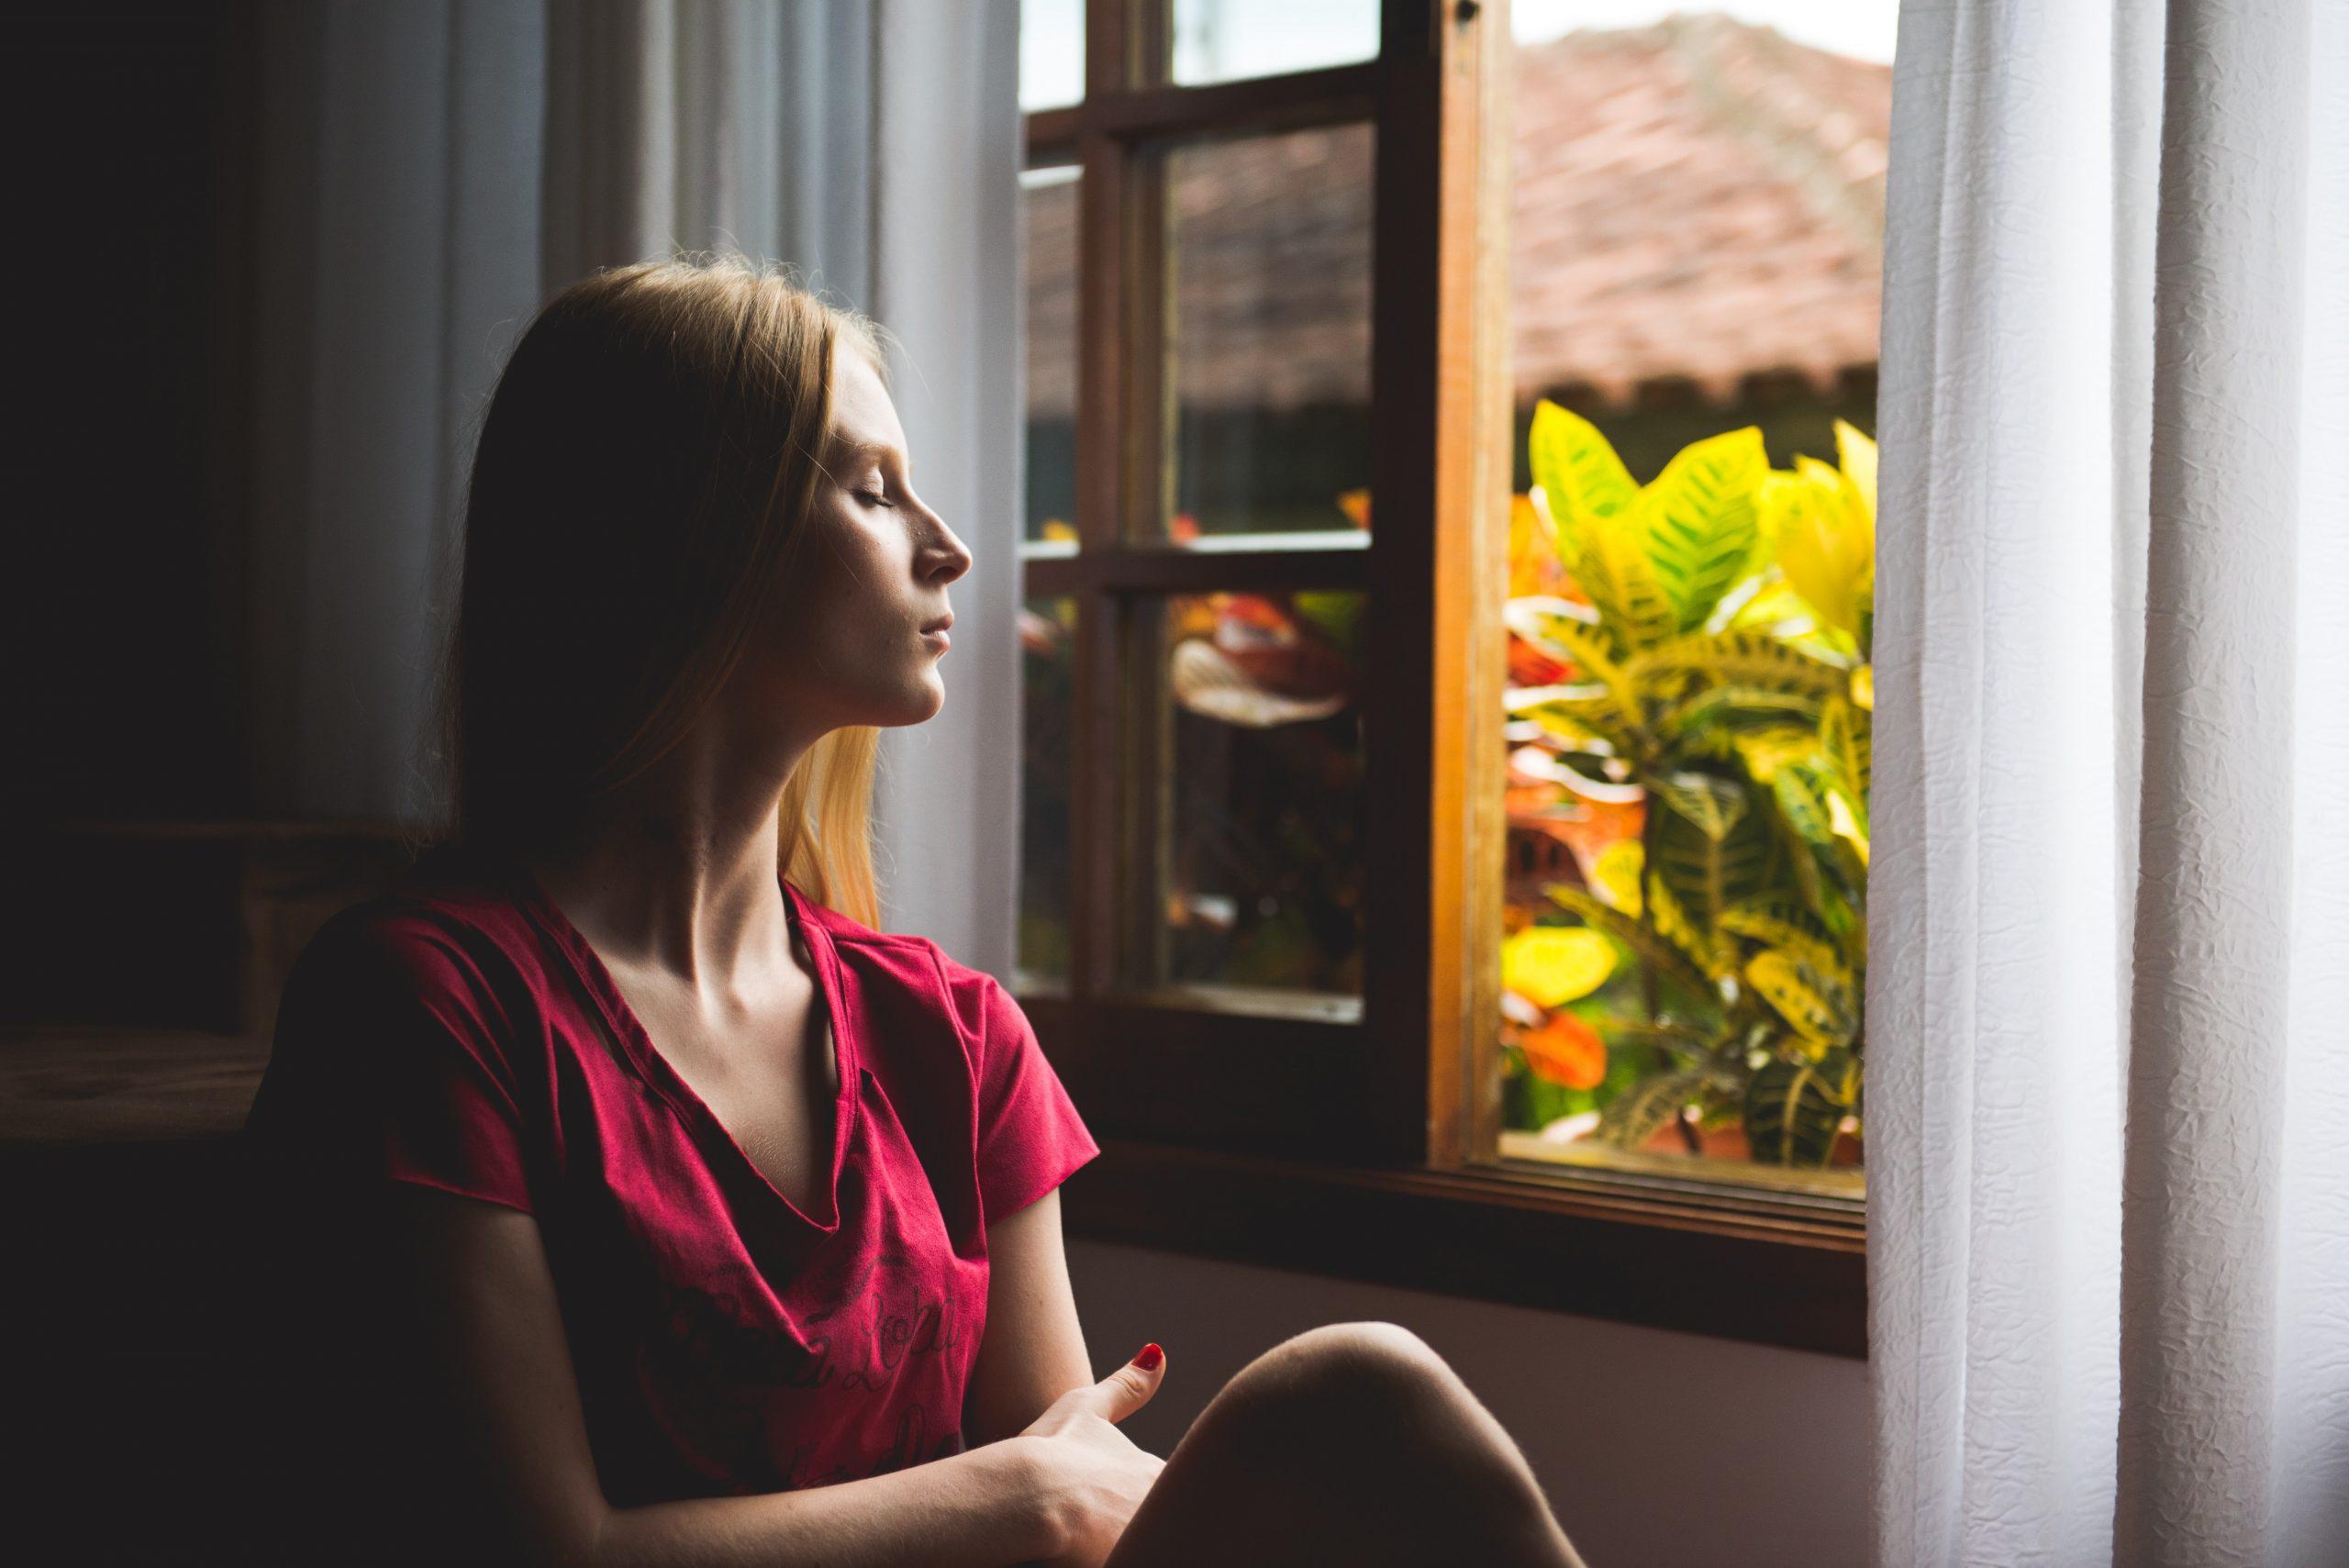 Νιώθεις άγχος για τον κορονοϊό; Διάβασε 3 τρόπους για να το κοντρολάρεις